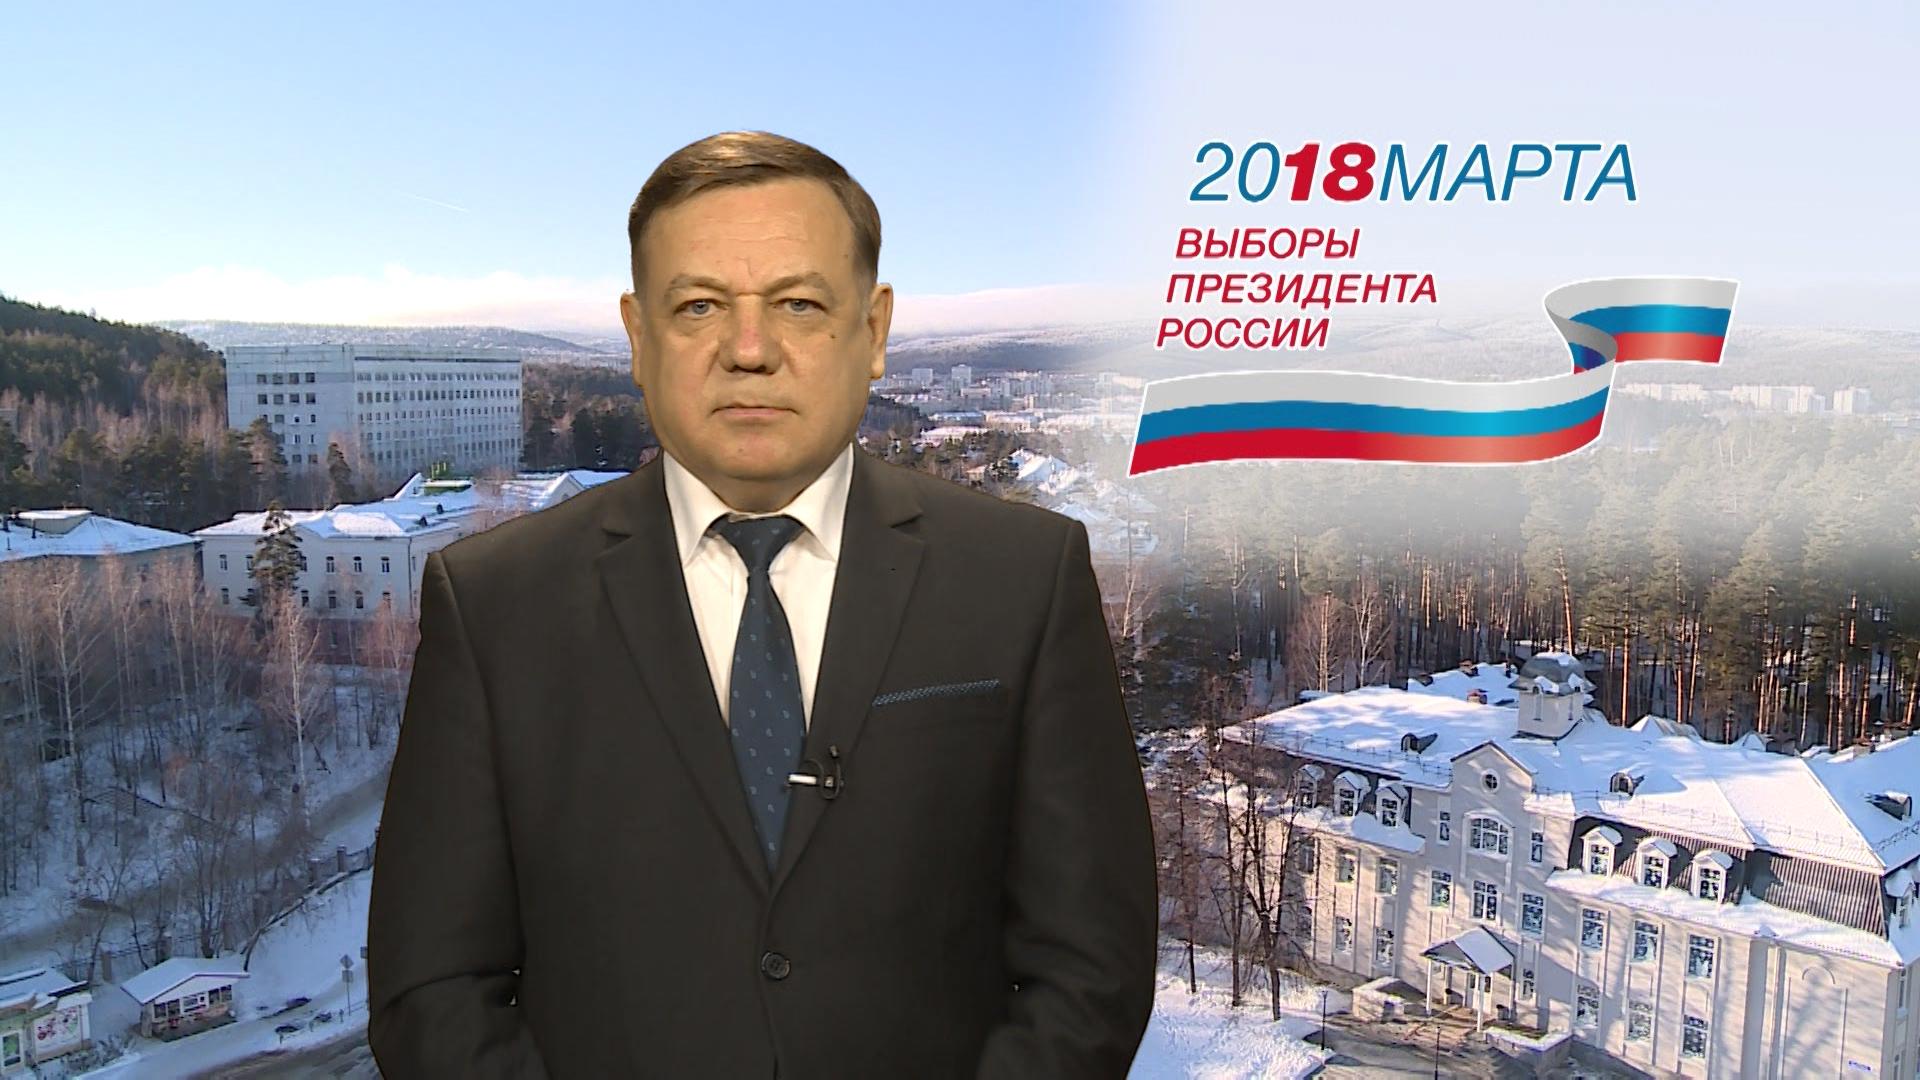 Обращение к новоуральцам Главы НГО Александра Баранова